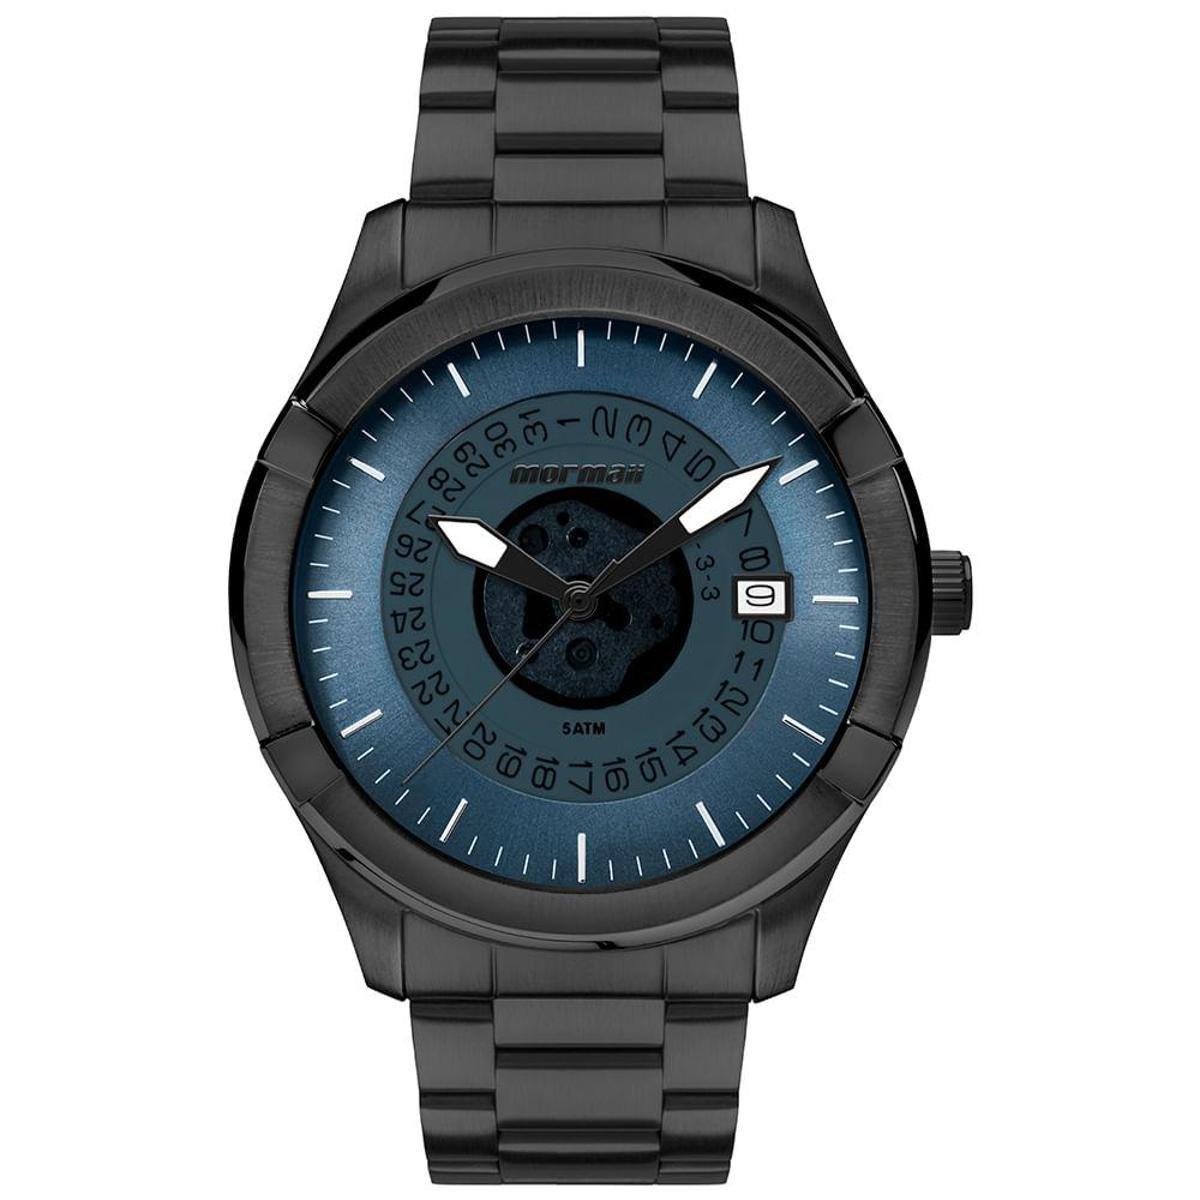 bdd47f2789119 Relógio Mormaii On The Road Masculino - Preto - Compre Agora